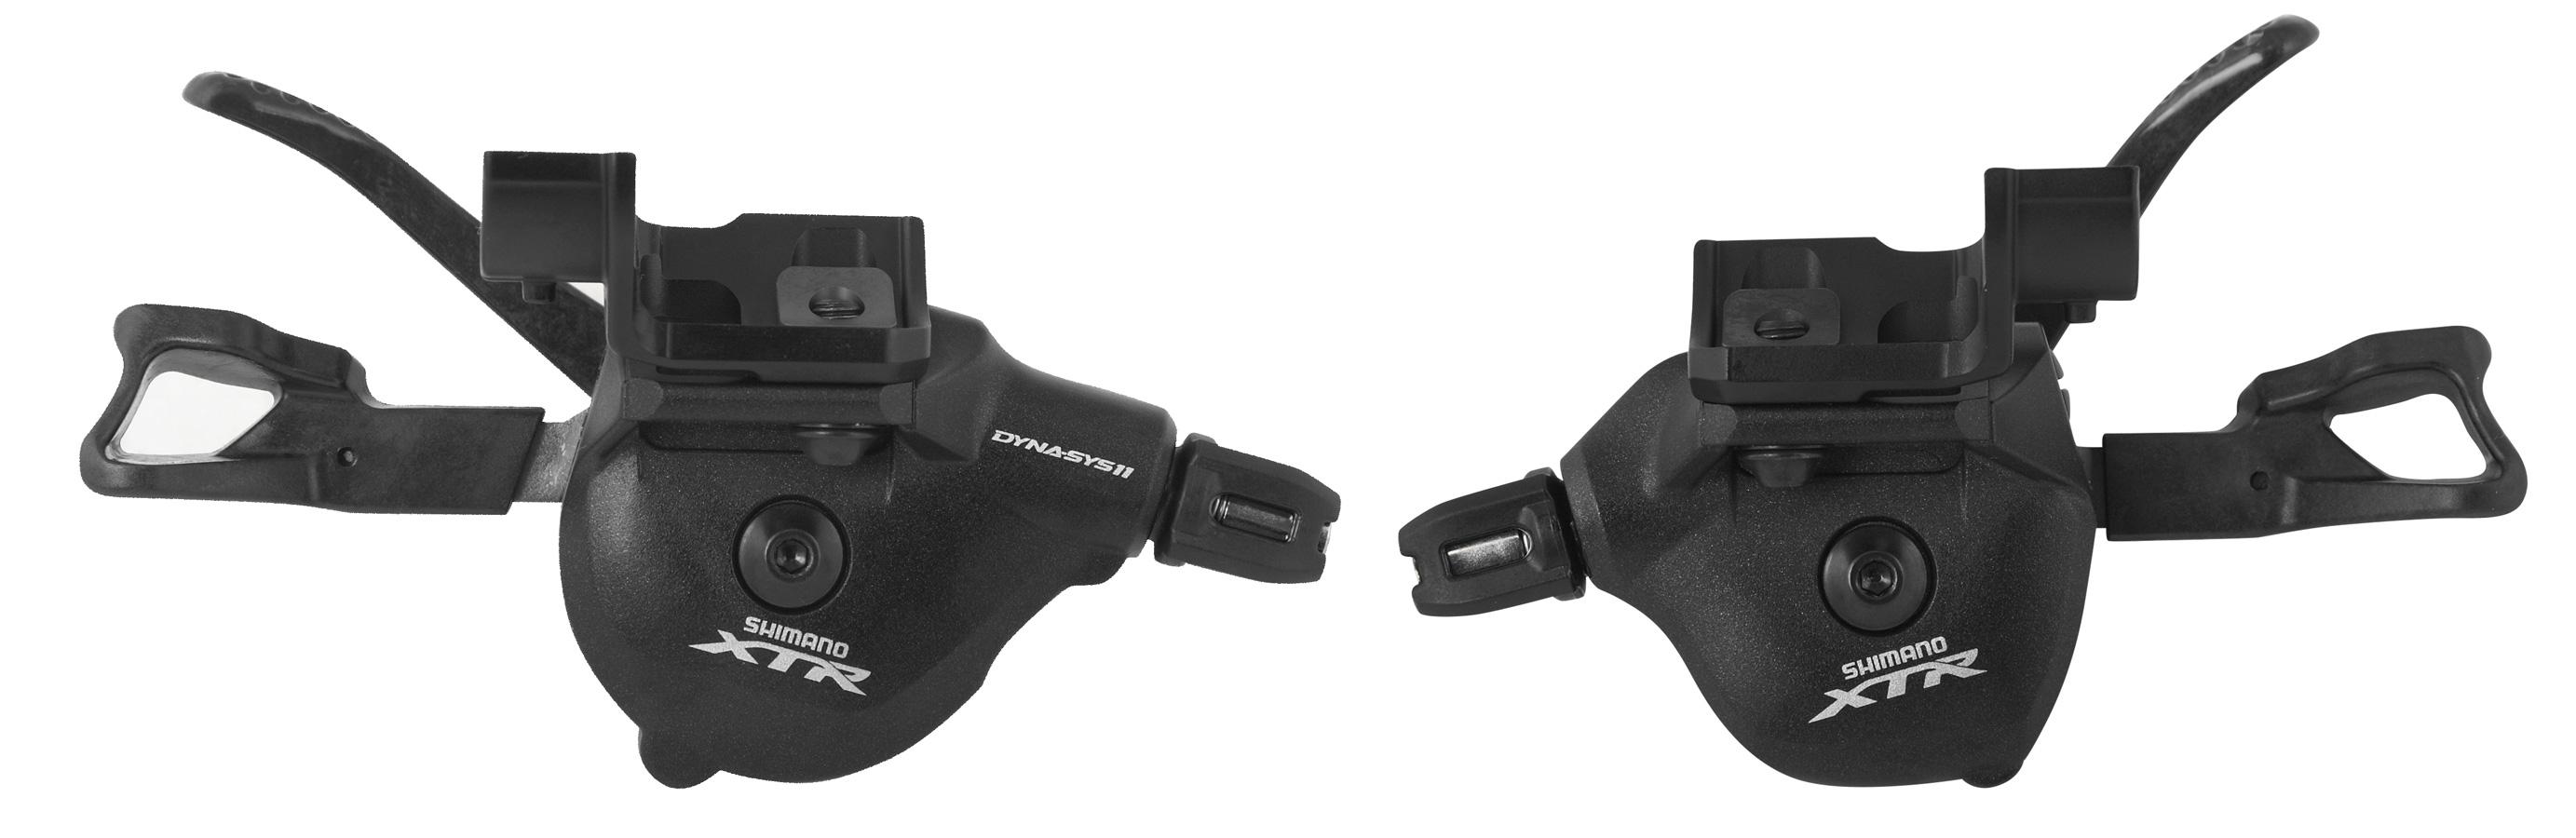 řadící páčky XTR SLM9000 L+R 11x 2/3k, bez objímky